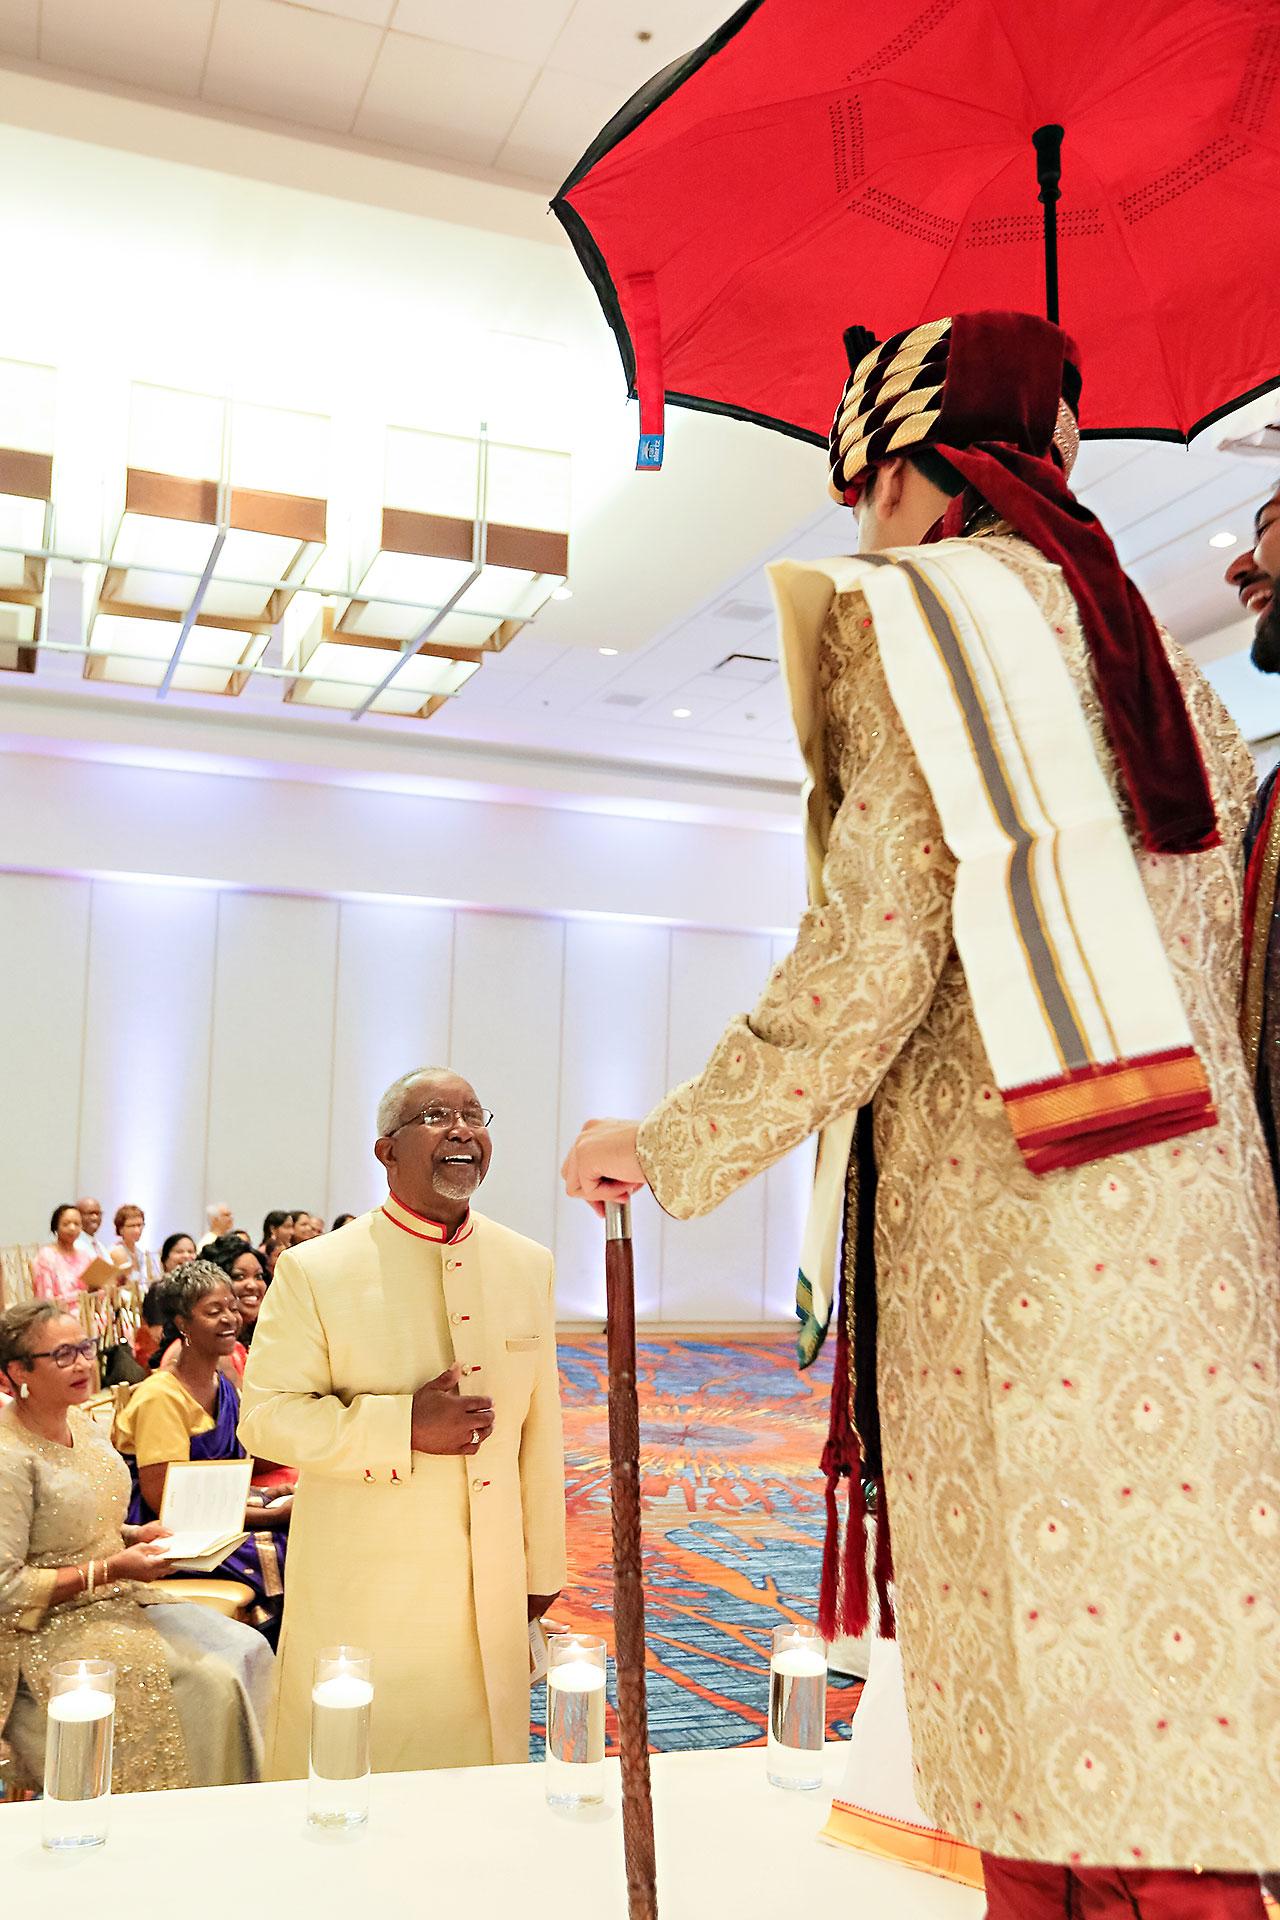 Joie Nikhil JW Marriott Indian Wedding 241